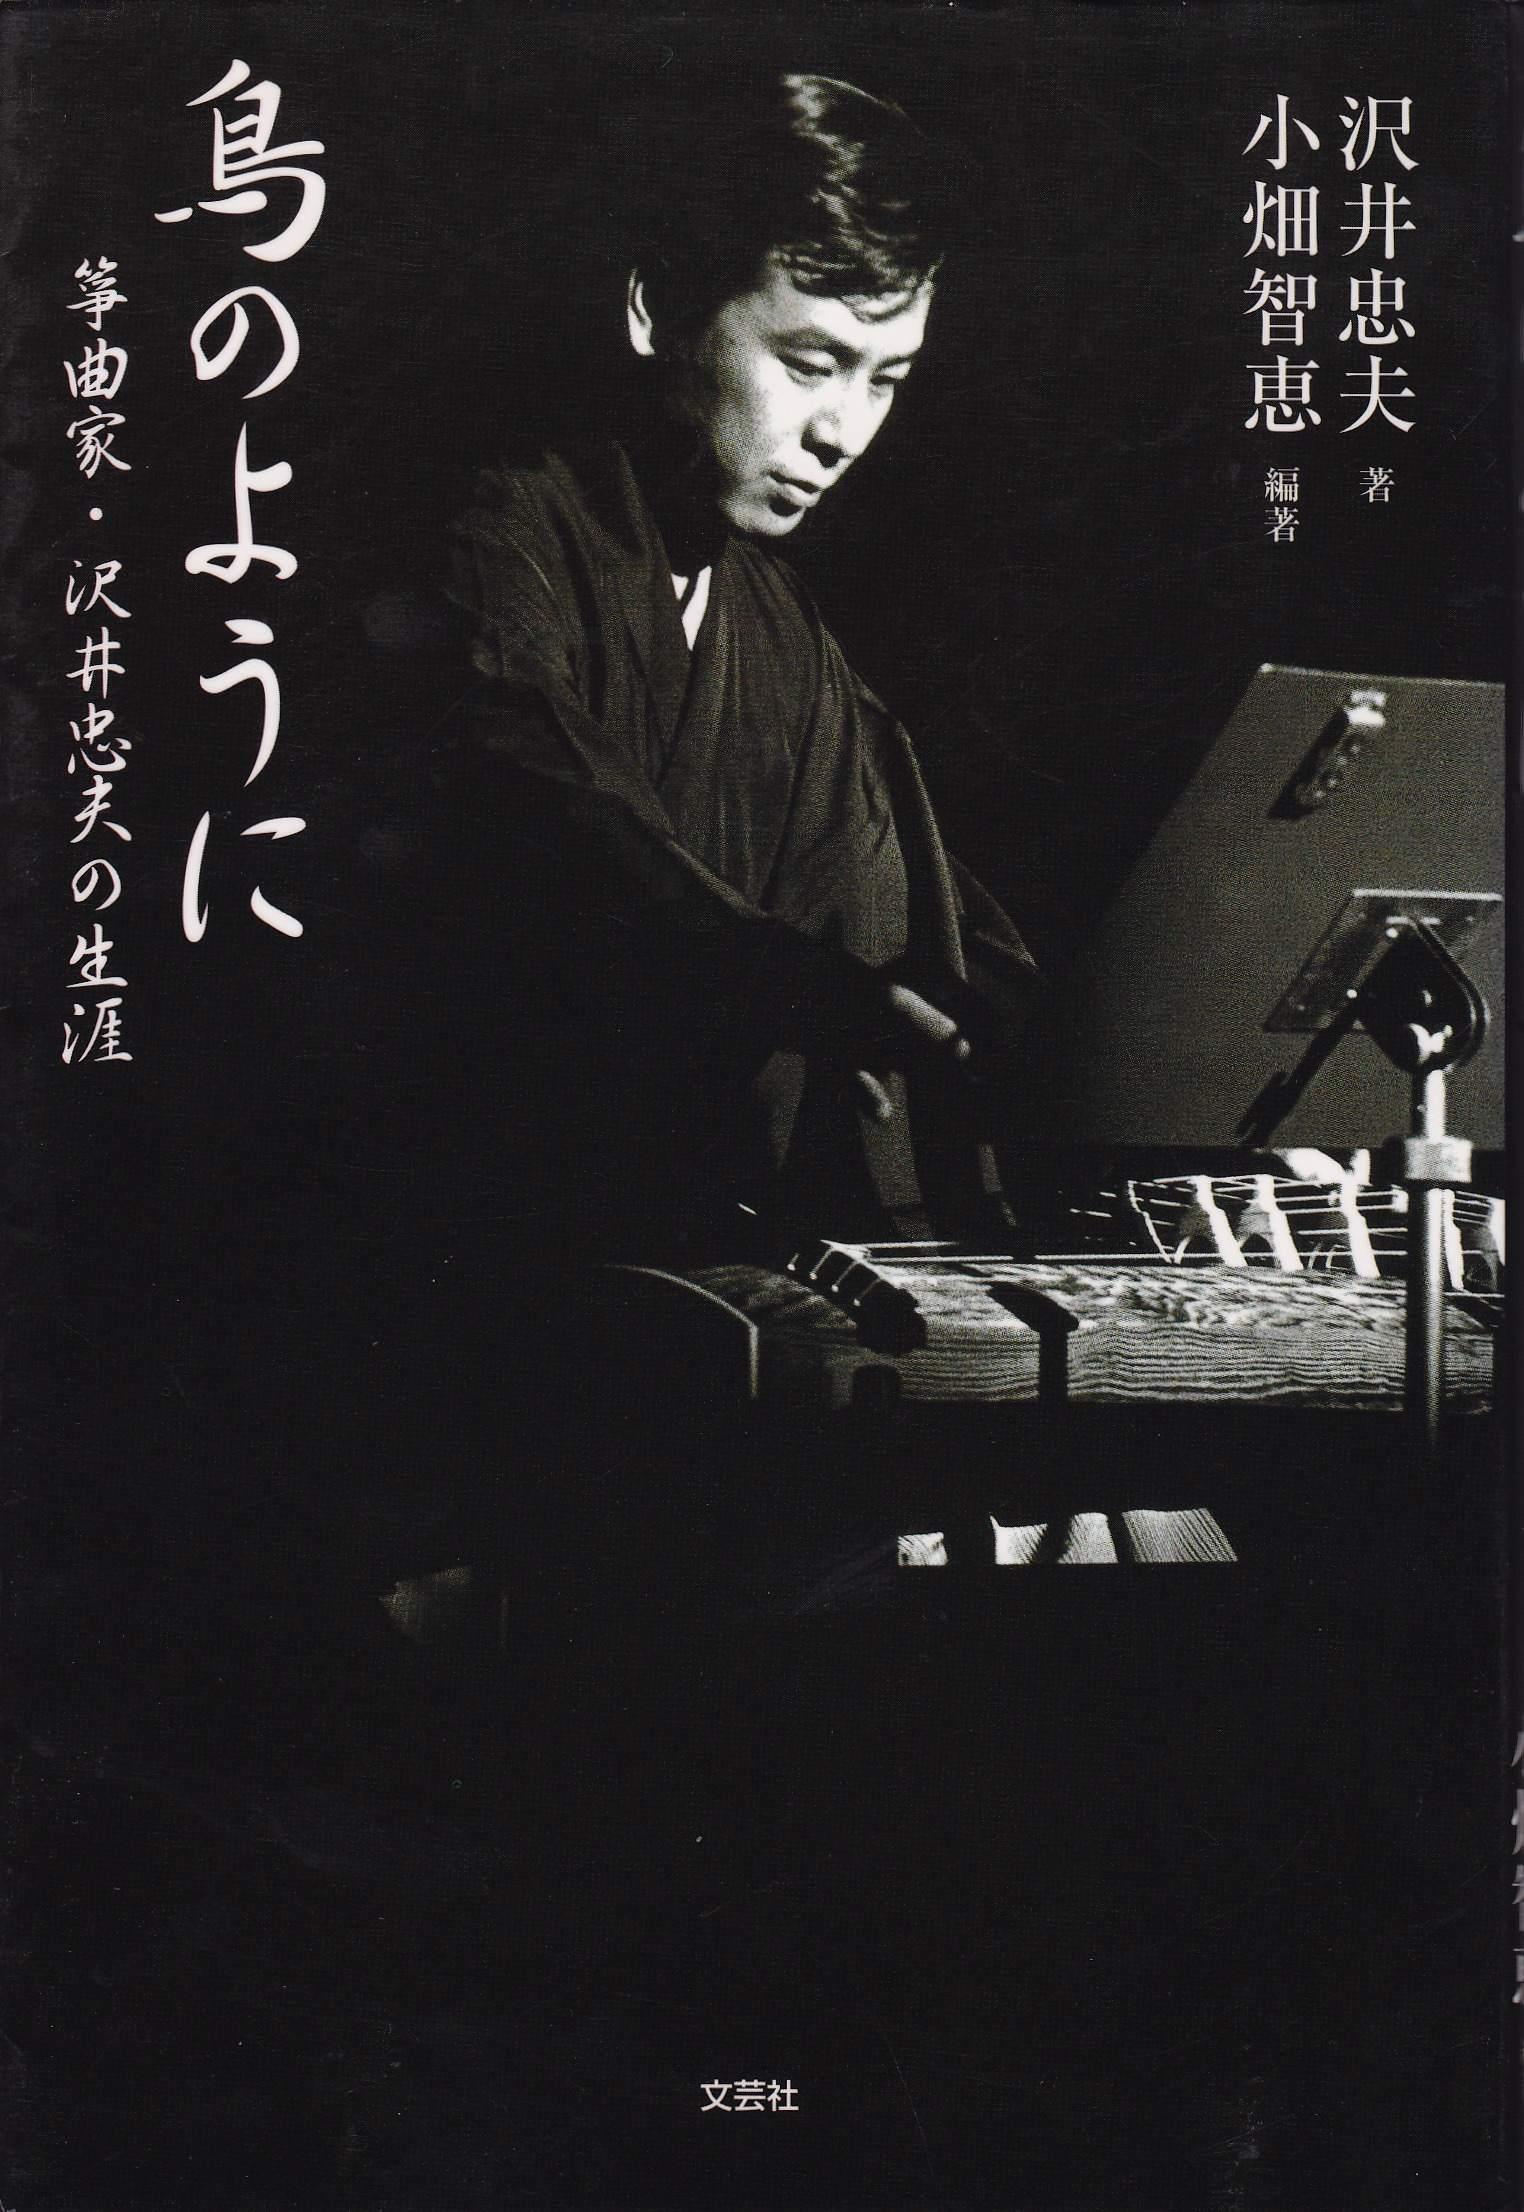 鳥のように─箏曲家・沢井忠夫の生涯[5077]